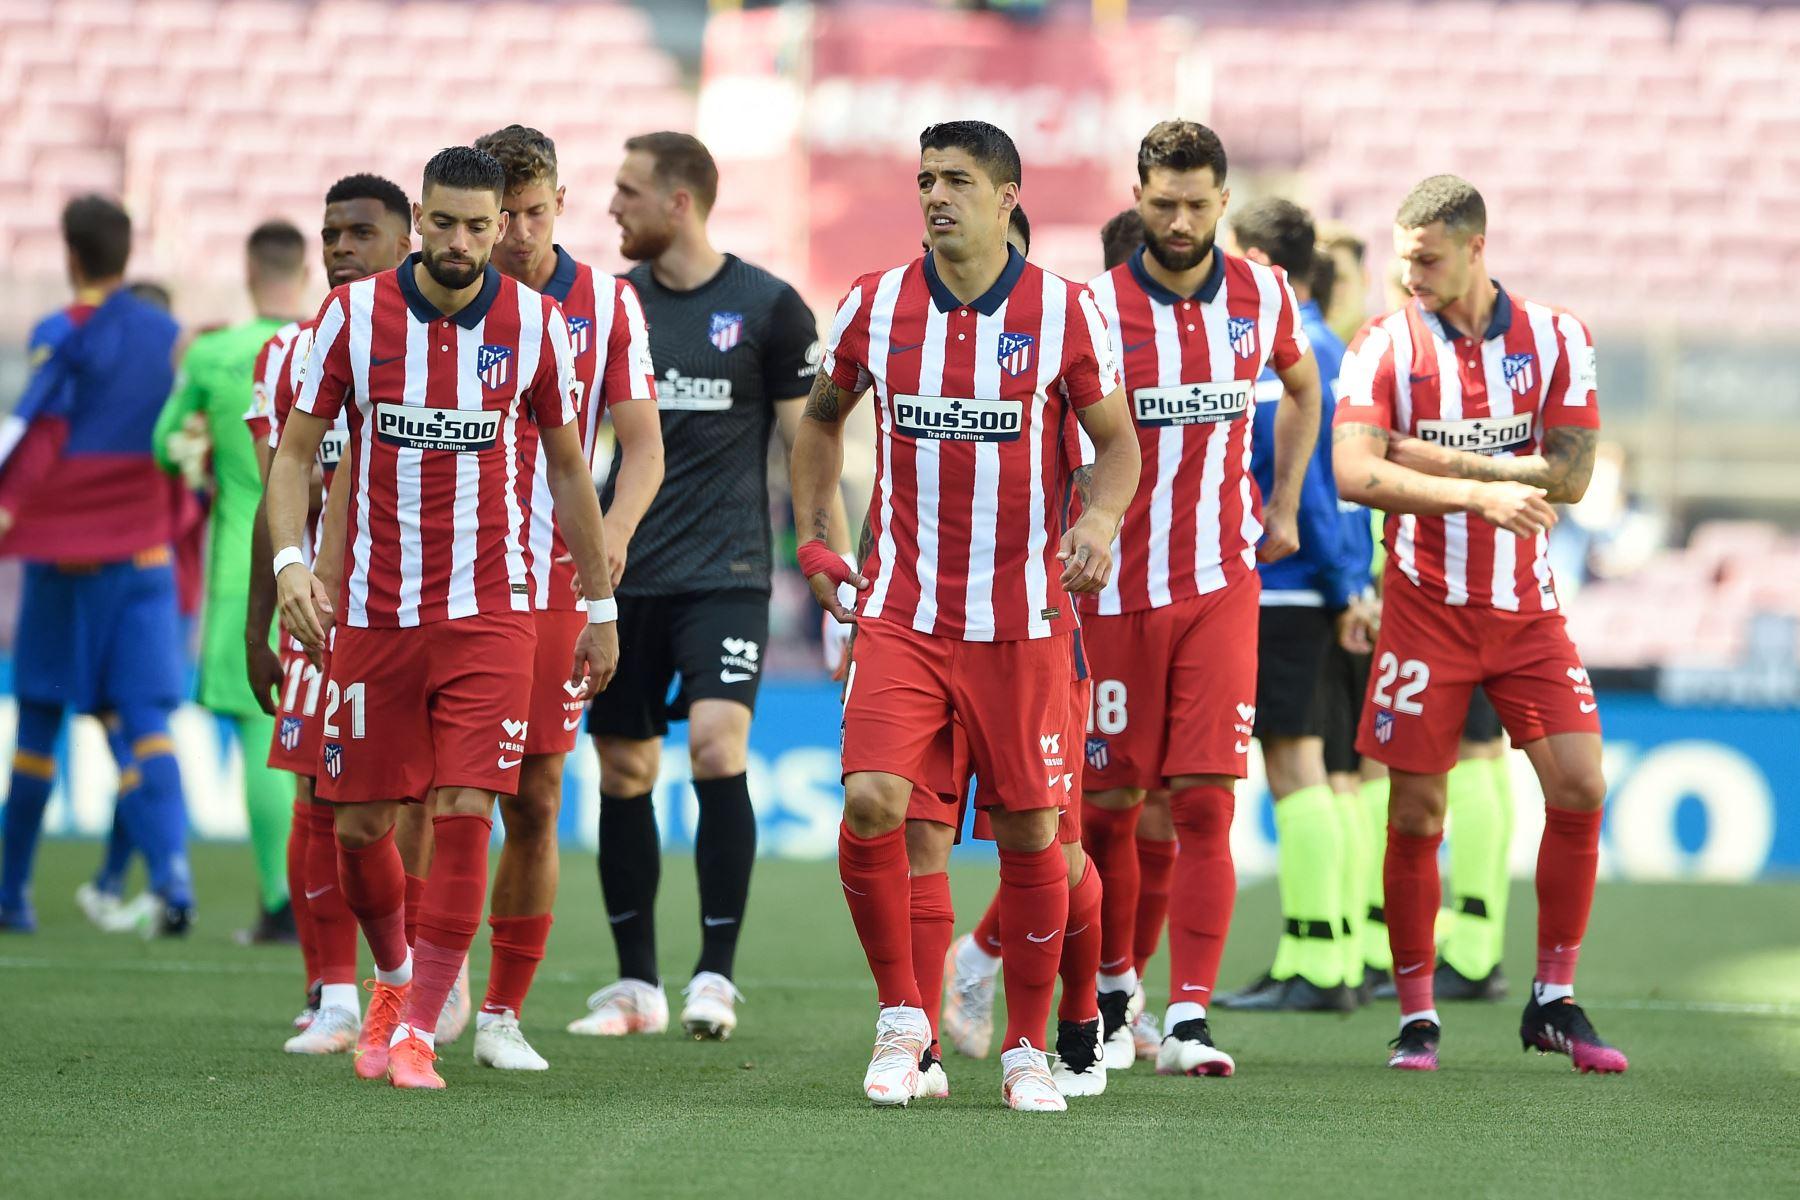 El delantero uruguayo del Atlético de Madrid Luis Suárez y sus compañeros calientan antes del partido de fútbol de la liga española FC Barcelona contra el Club Atlético de Madrid. Foto: AFP